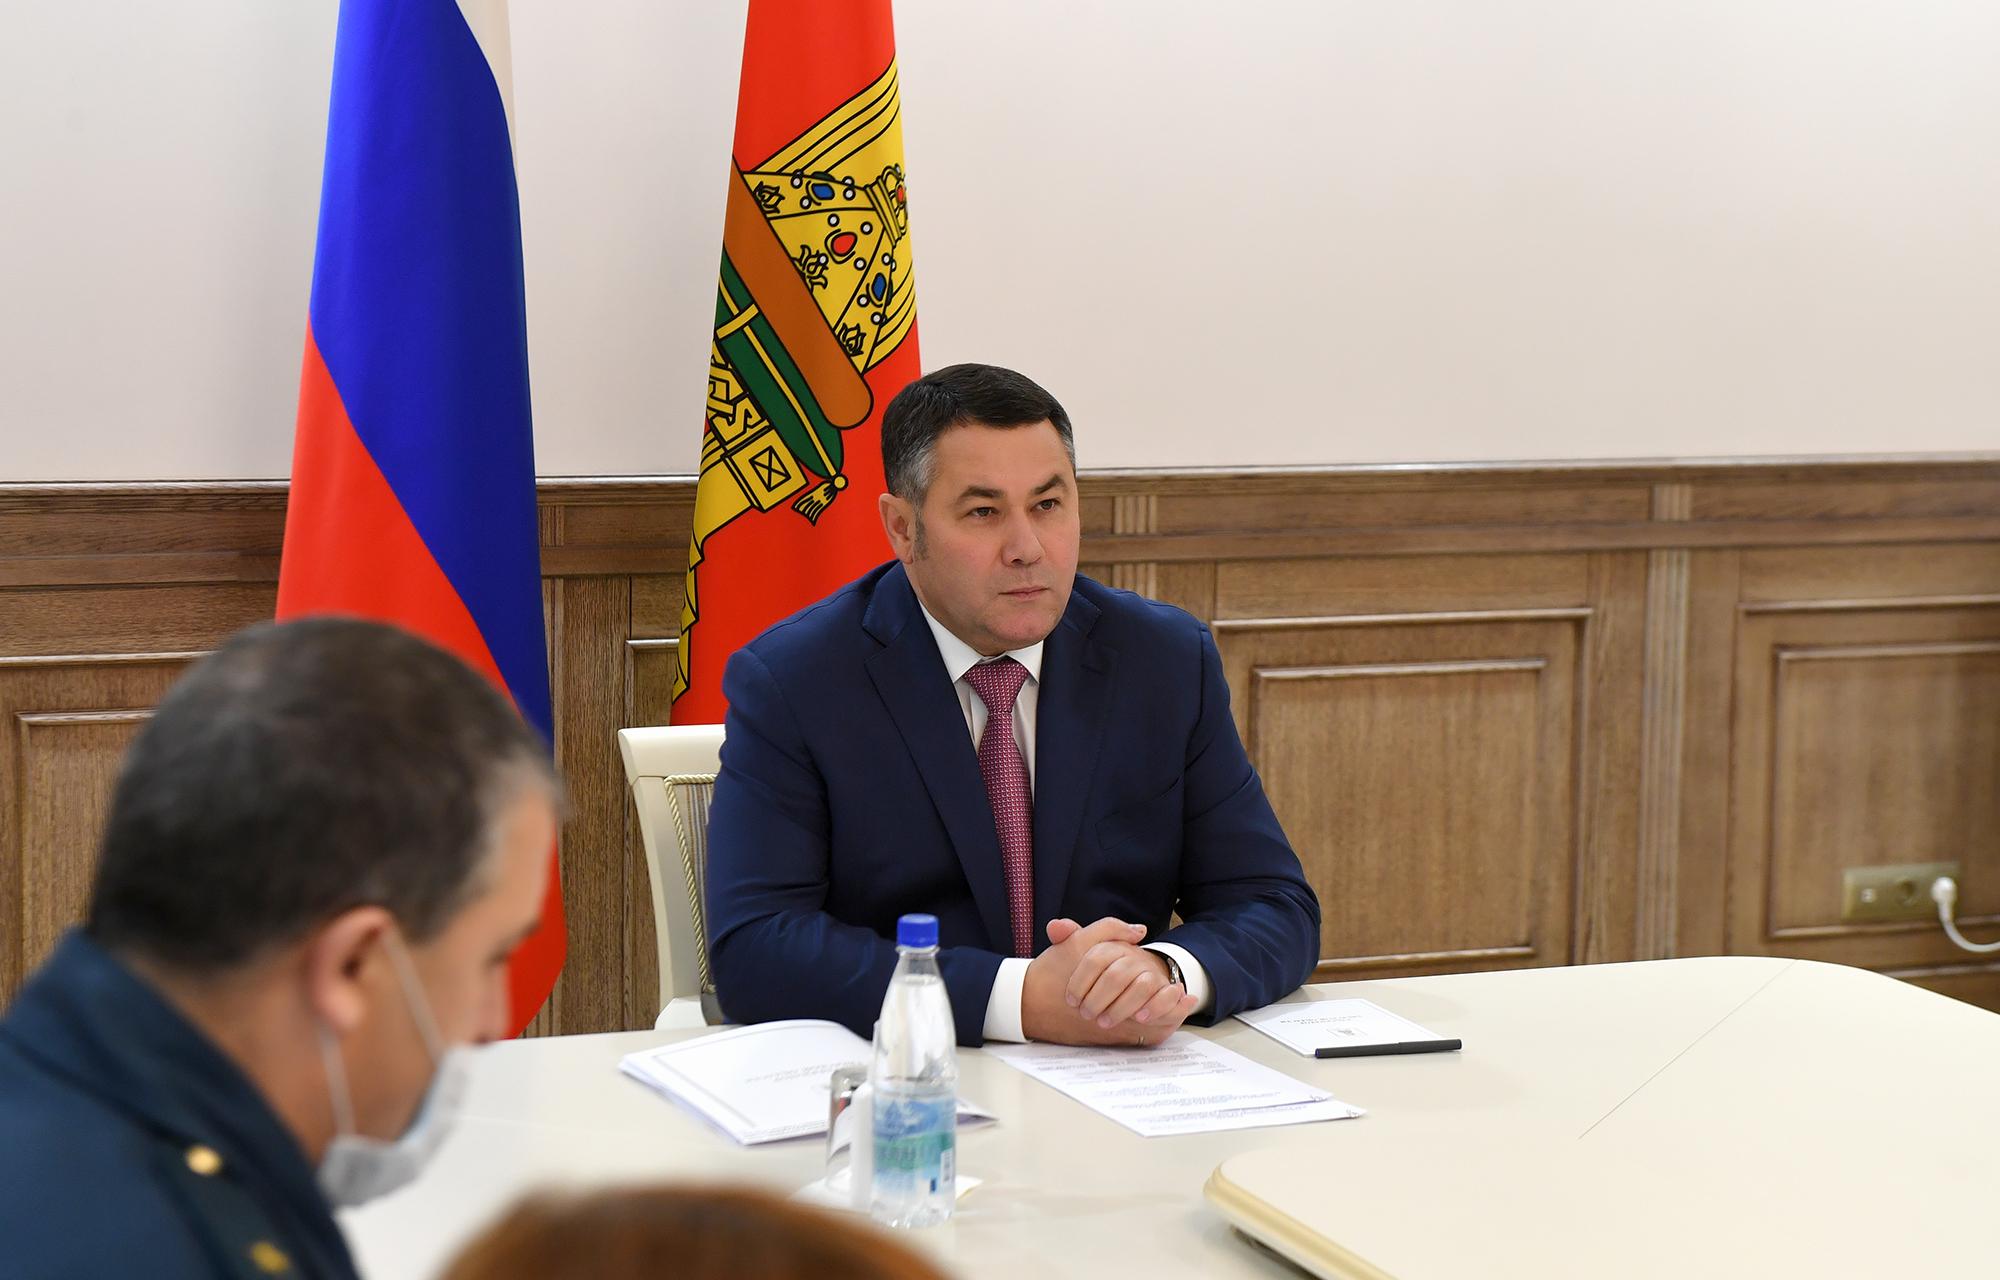 С 2022 года вся система скорой помощи Тверской области будет работать на едином информационном ресурсе